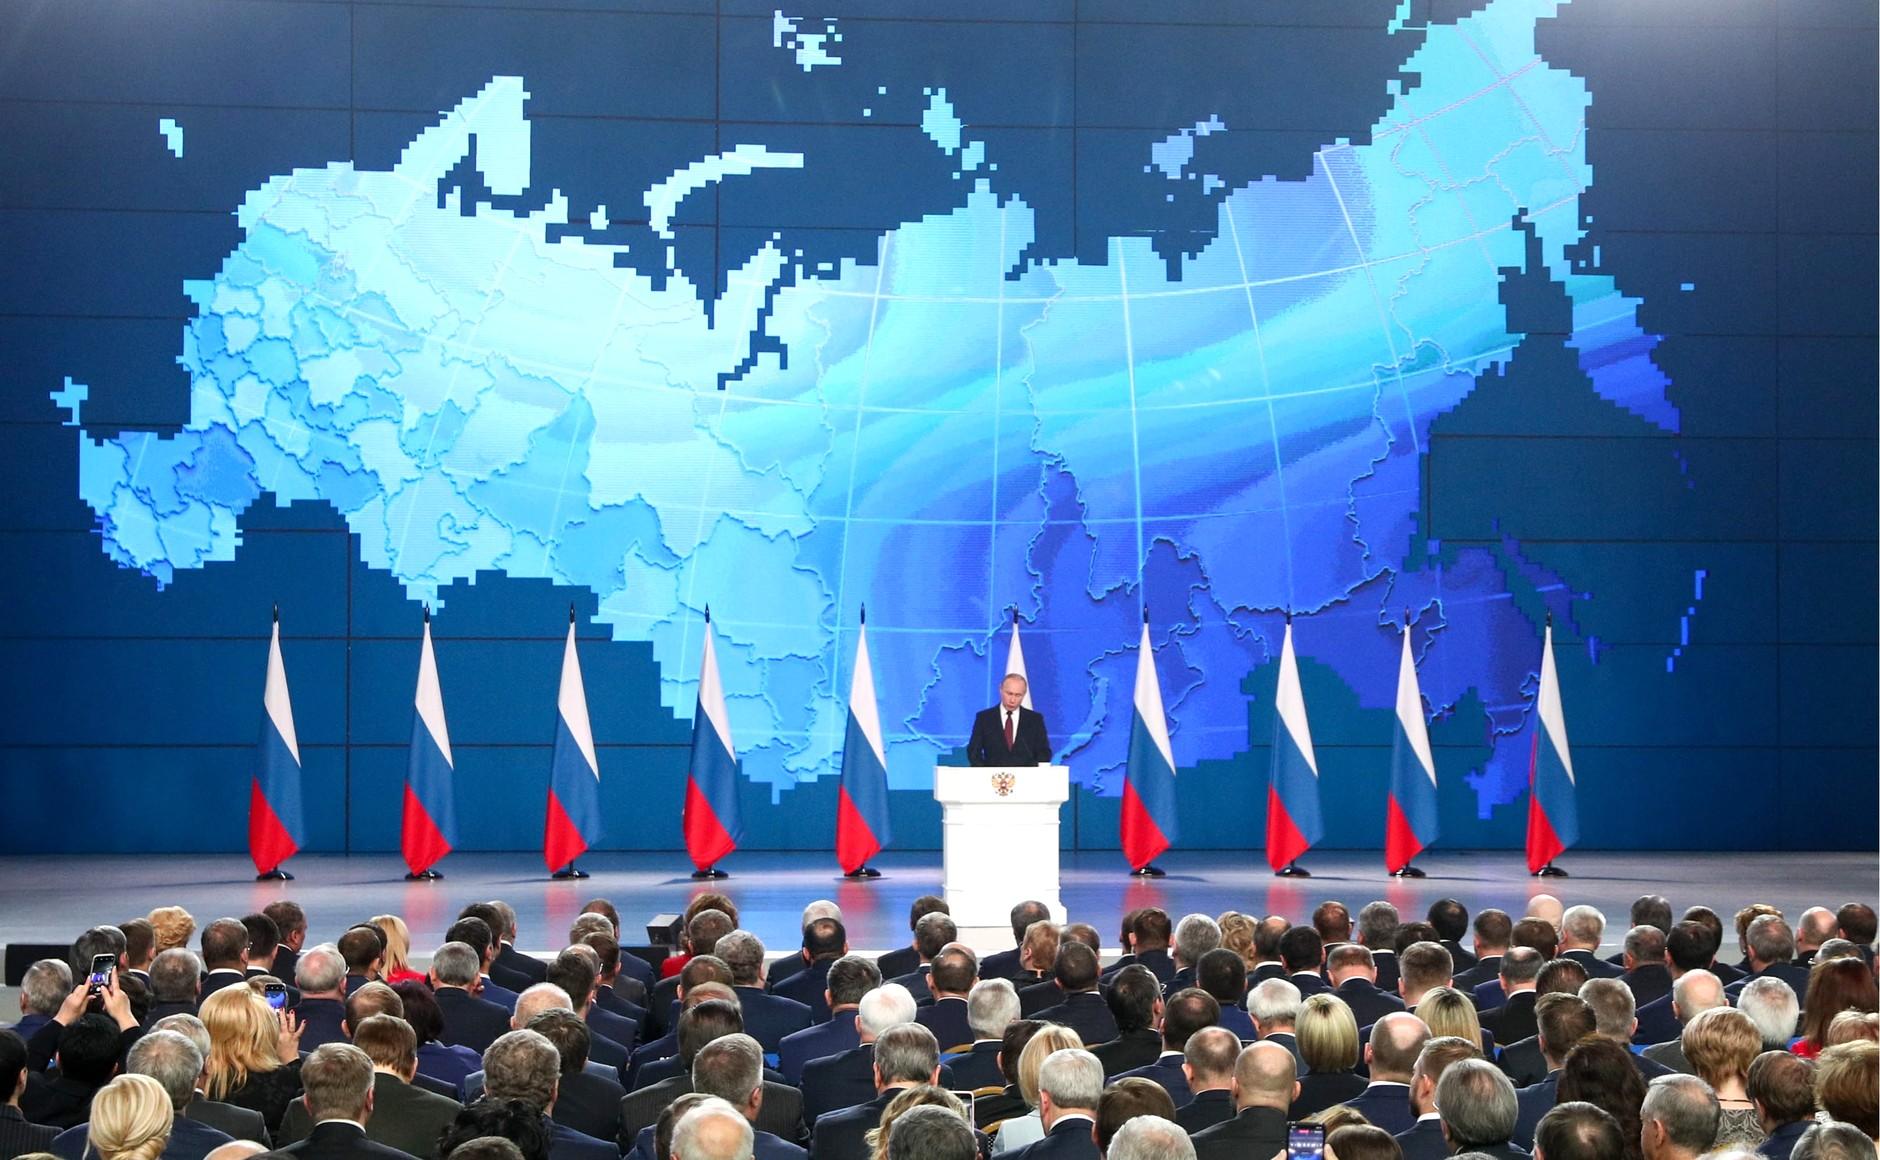 Декларация добрых намерений лучше, чем демонстрация агрессии. Об очередном послании Путина